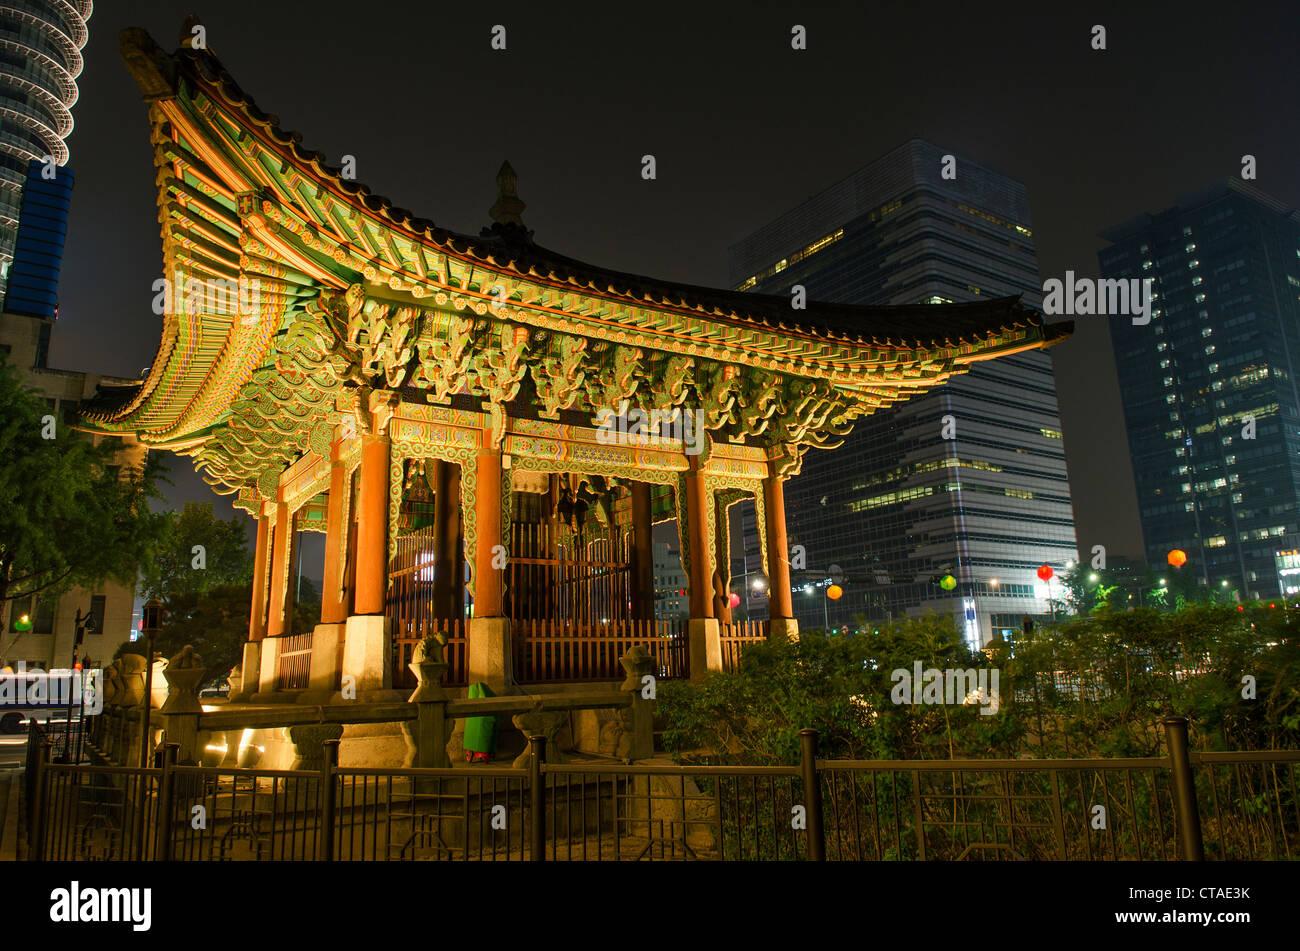 Tempio di central seoul corea del sud di notte Immagini Stock